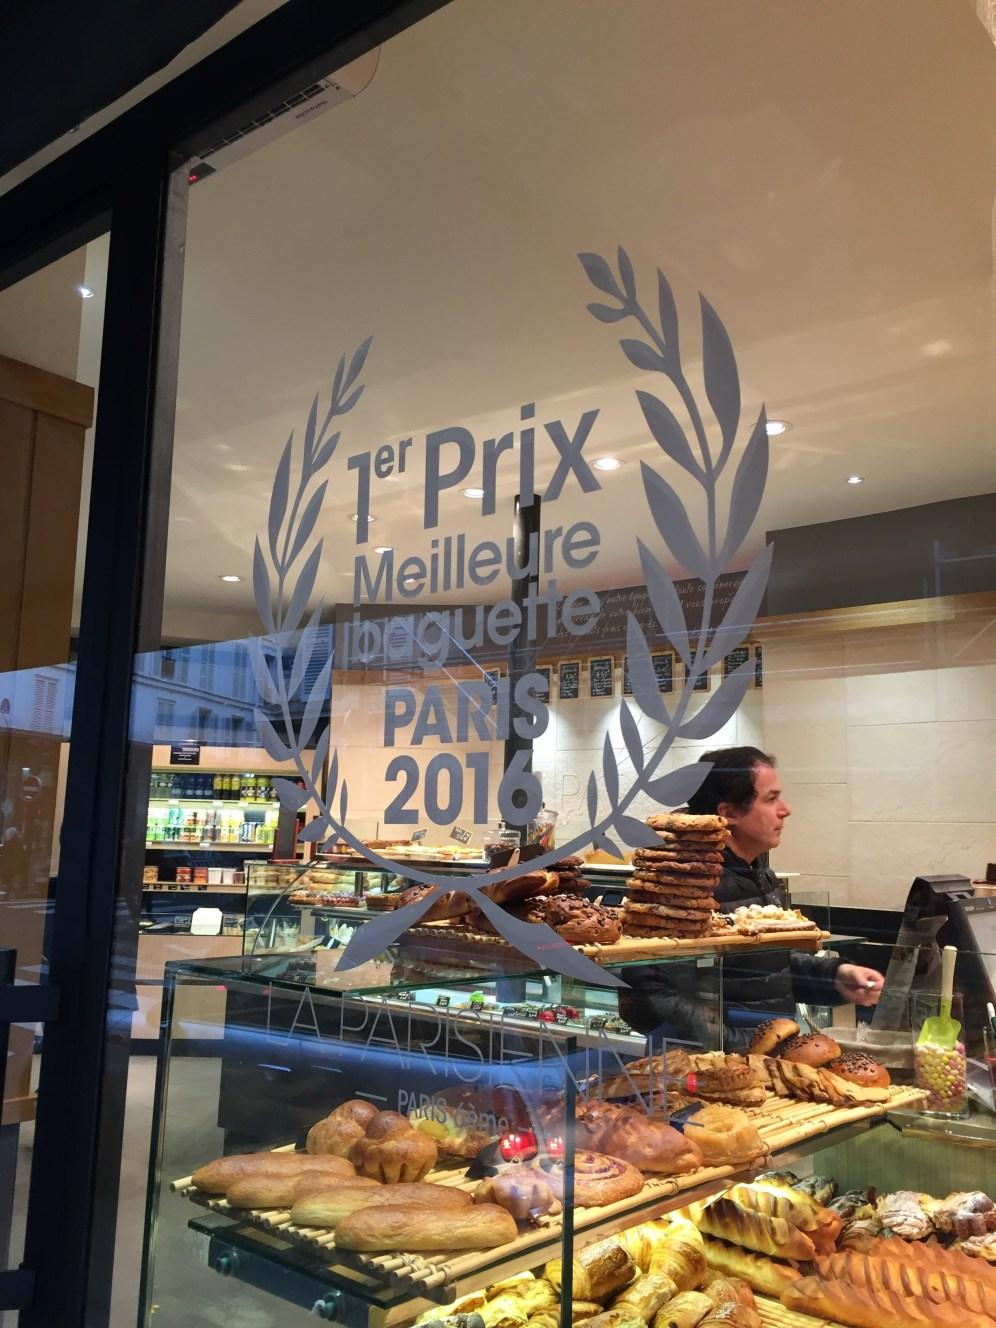 La Parisienne - Melhor Baguete de Paris 2016